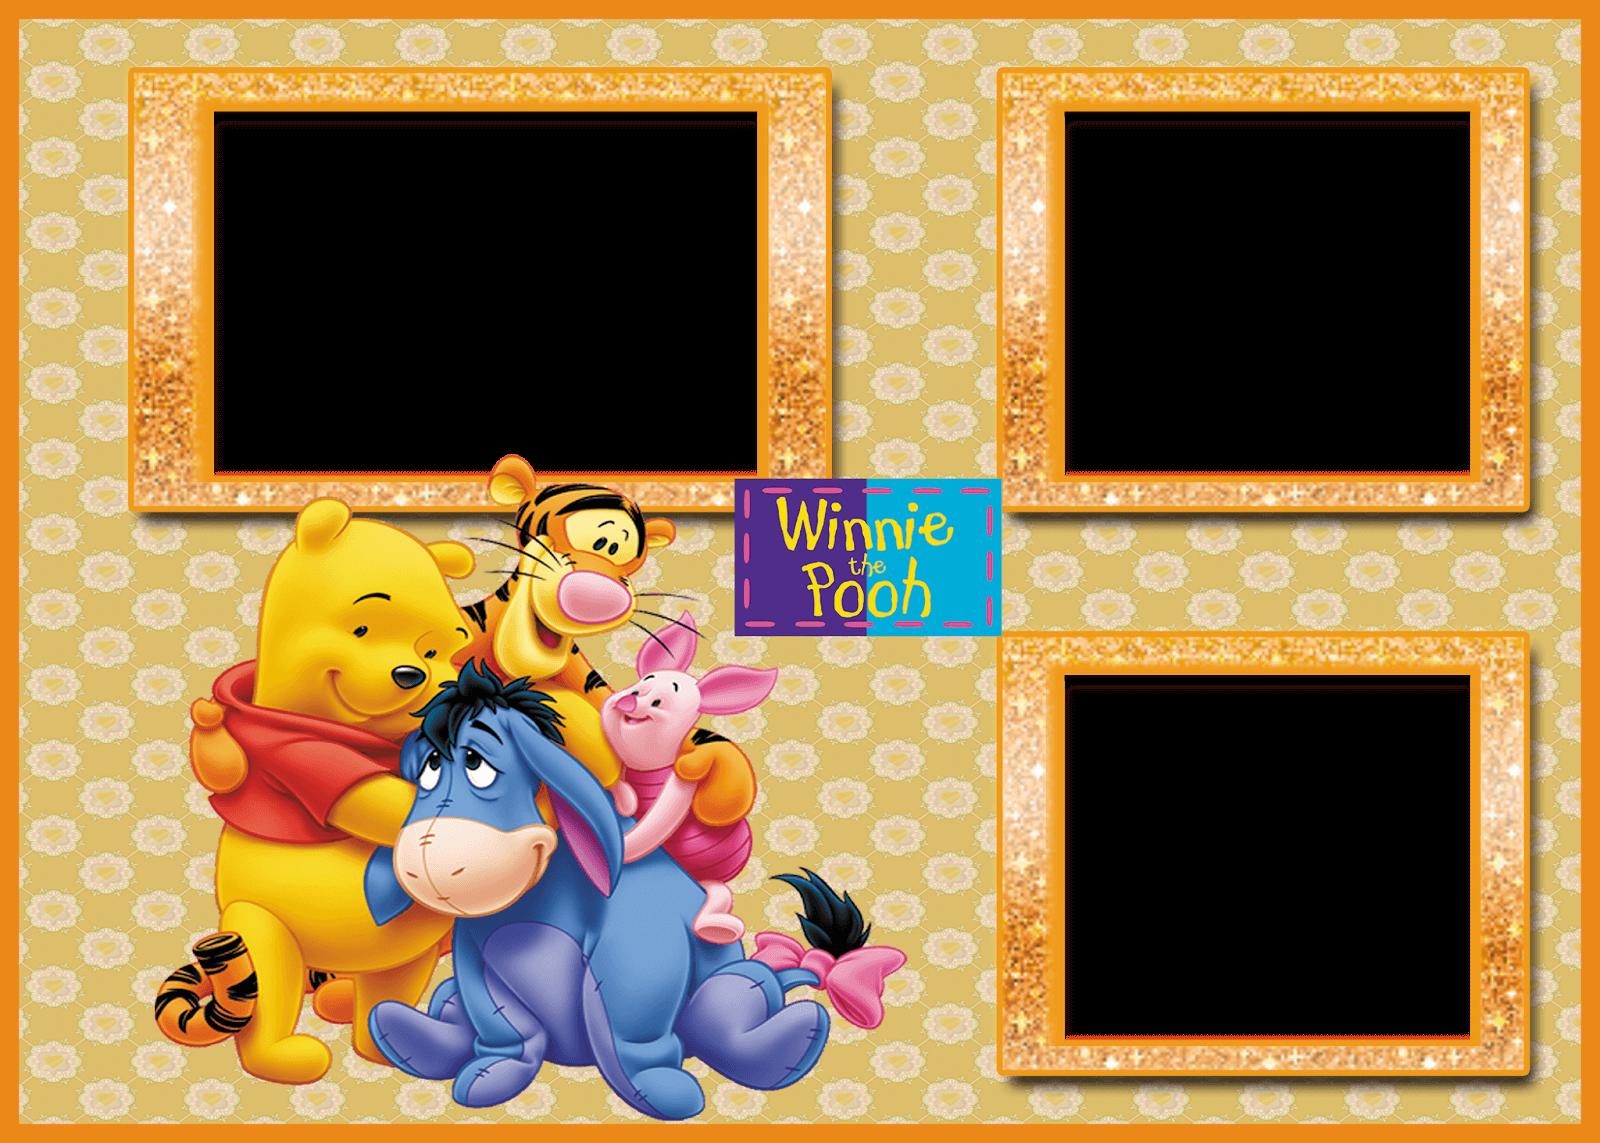 Marco de Foto Winnie Pooh 3 | Descargar Marcos